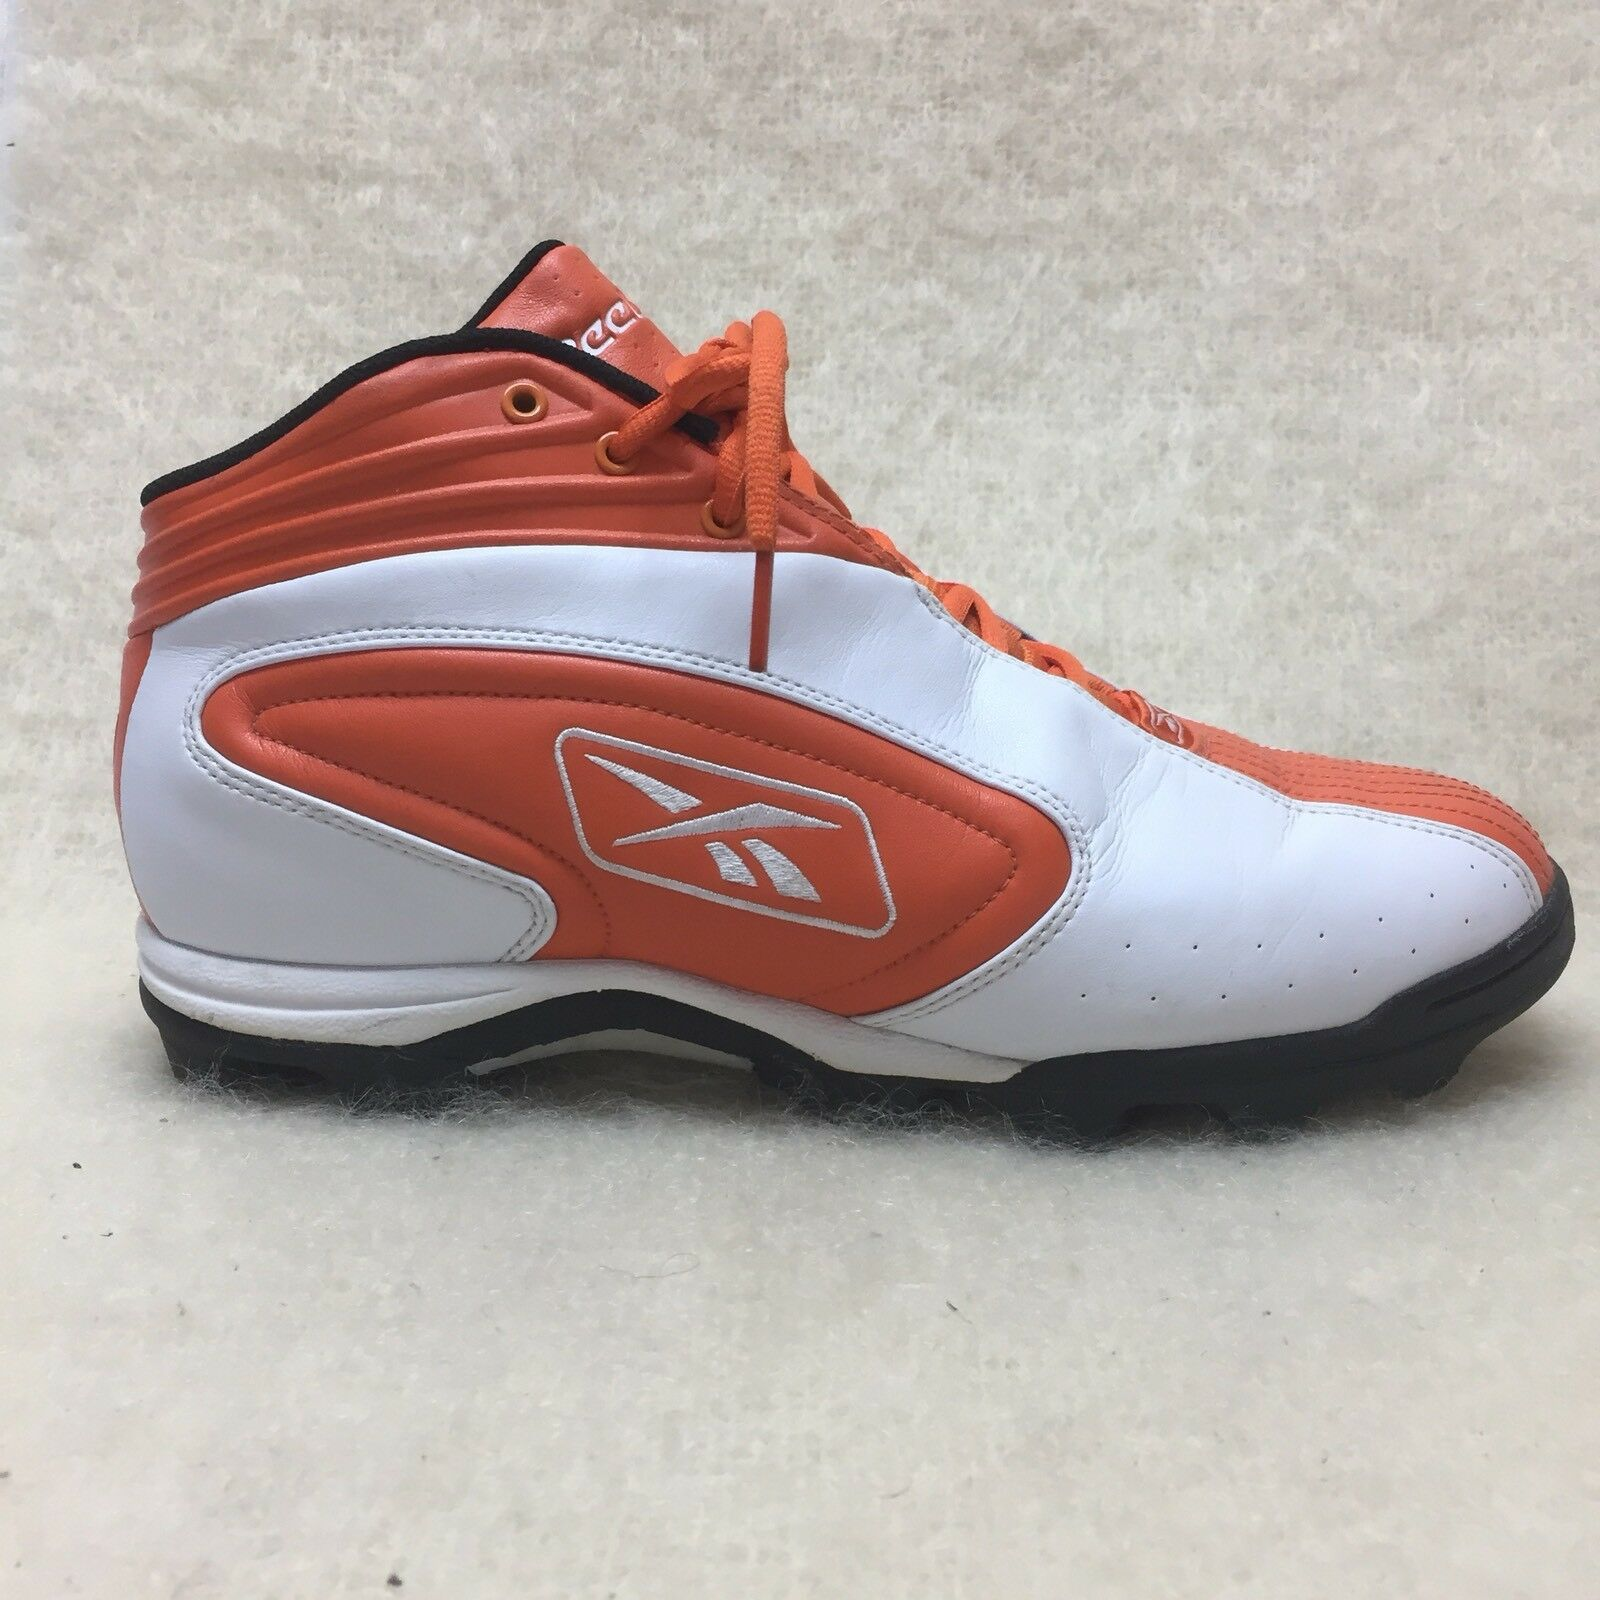 Equipment  NFL athletic schuhe schuhe athletic mens Größe 11.5 Weiß & Orange 7dea2b